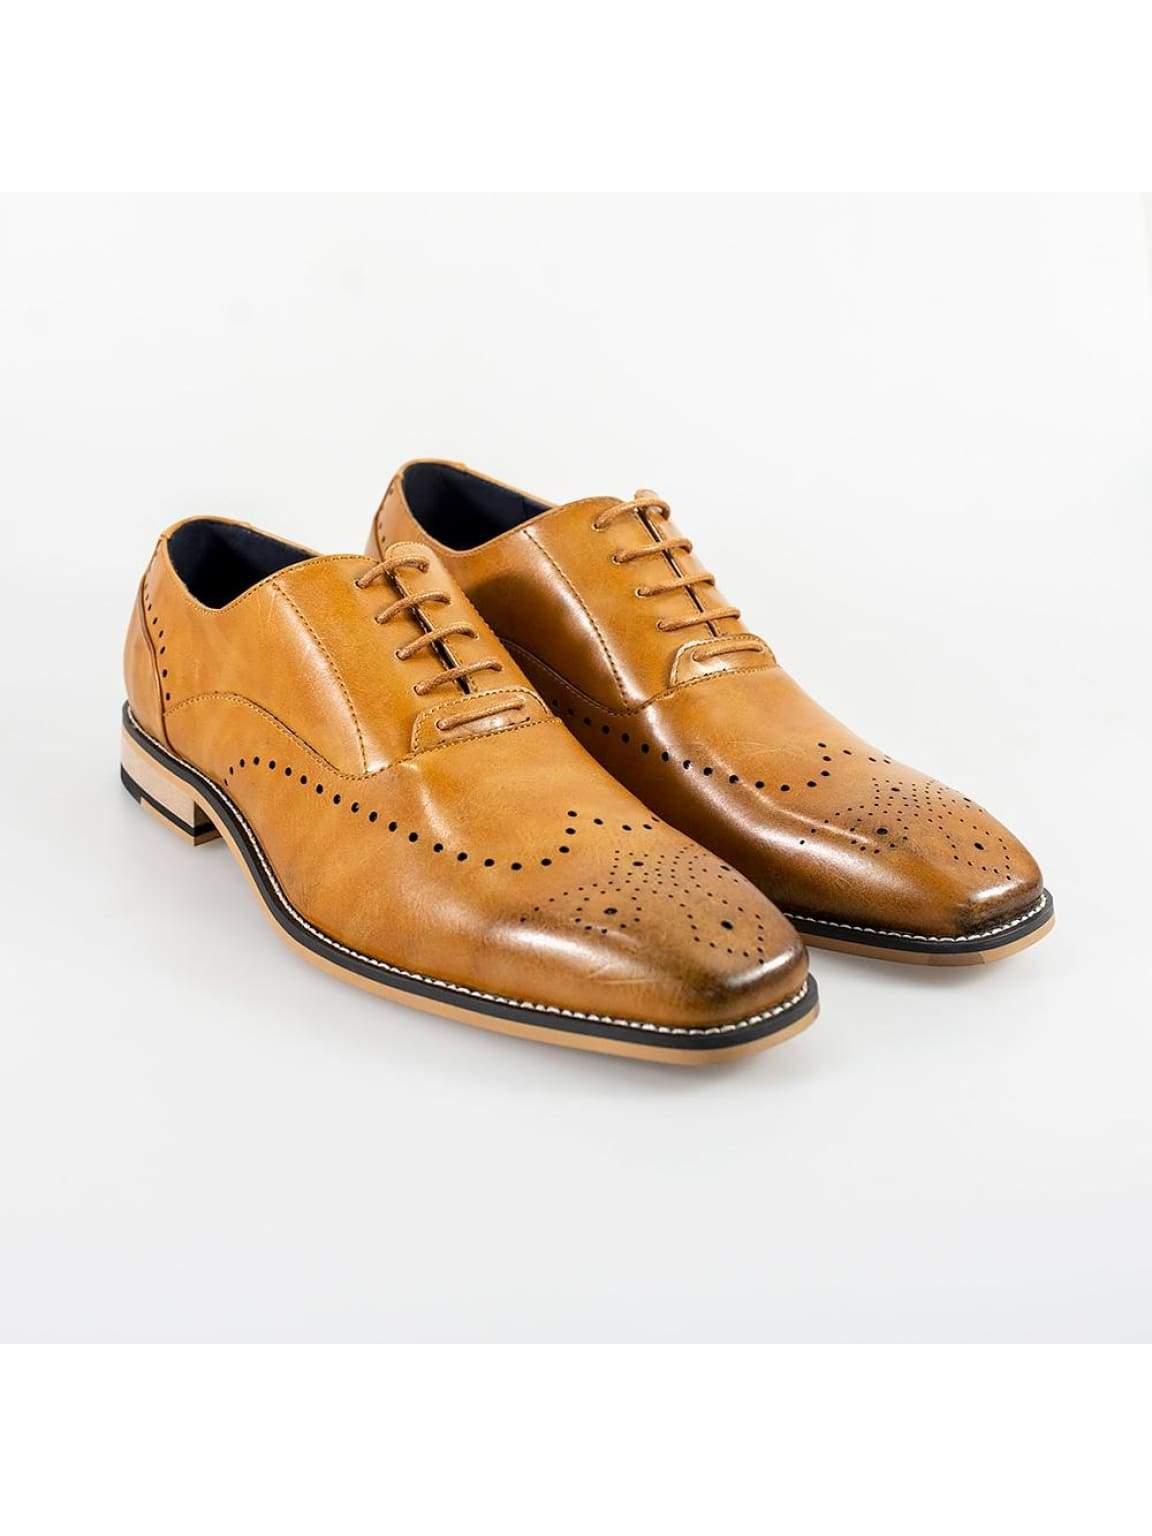 Cavani Fabian Mens Tan Shoe - UK7 | EU41 - Shoes